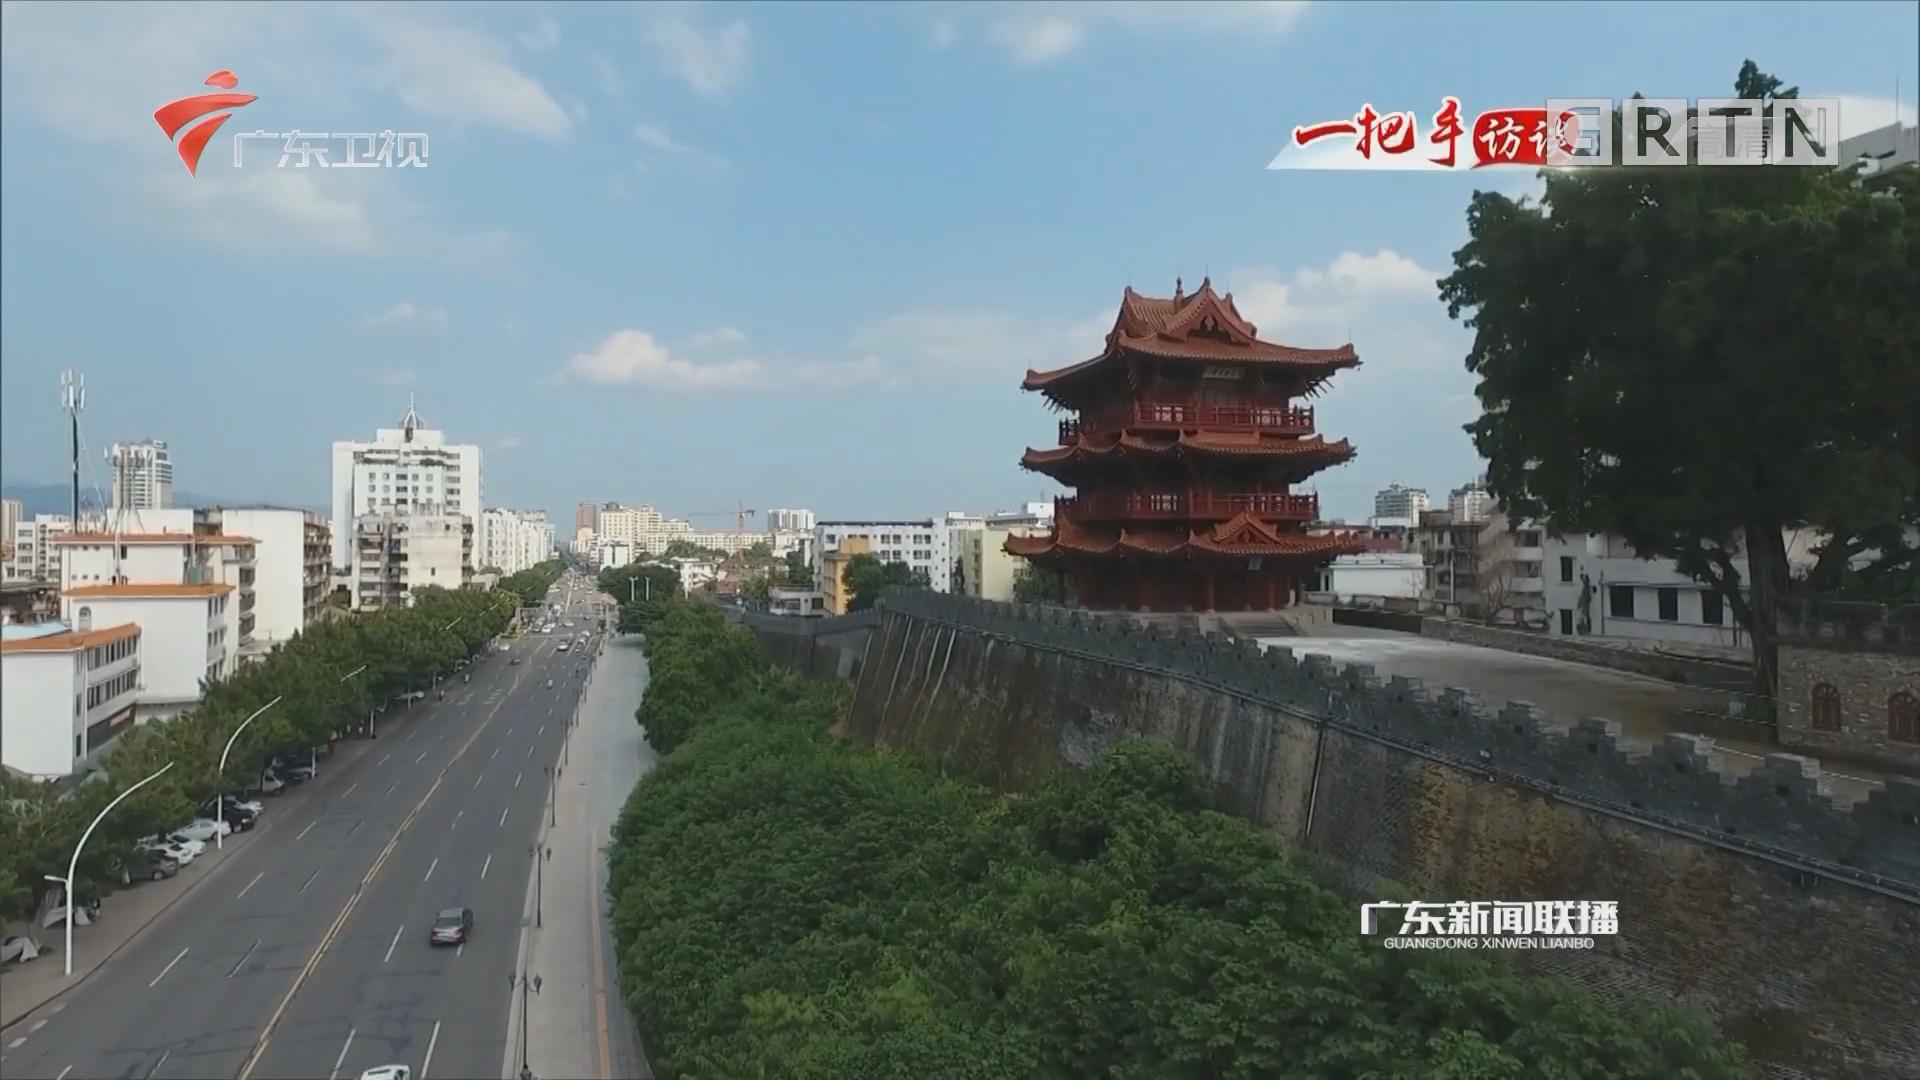 肇庆:加快建设粤港澳大湾区面向大西南枢纽门户城市